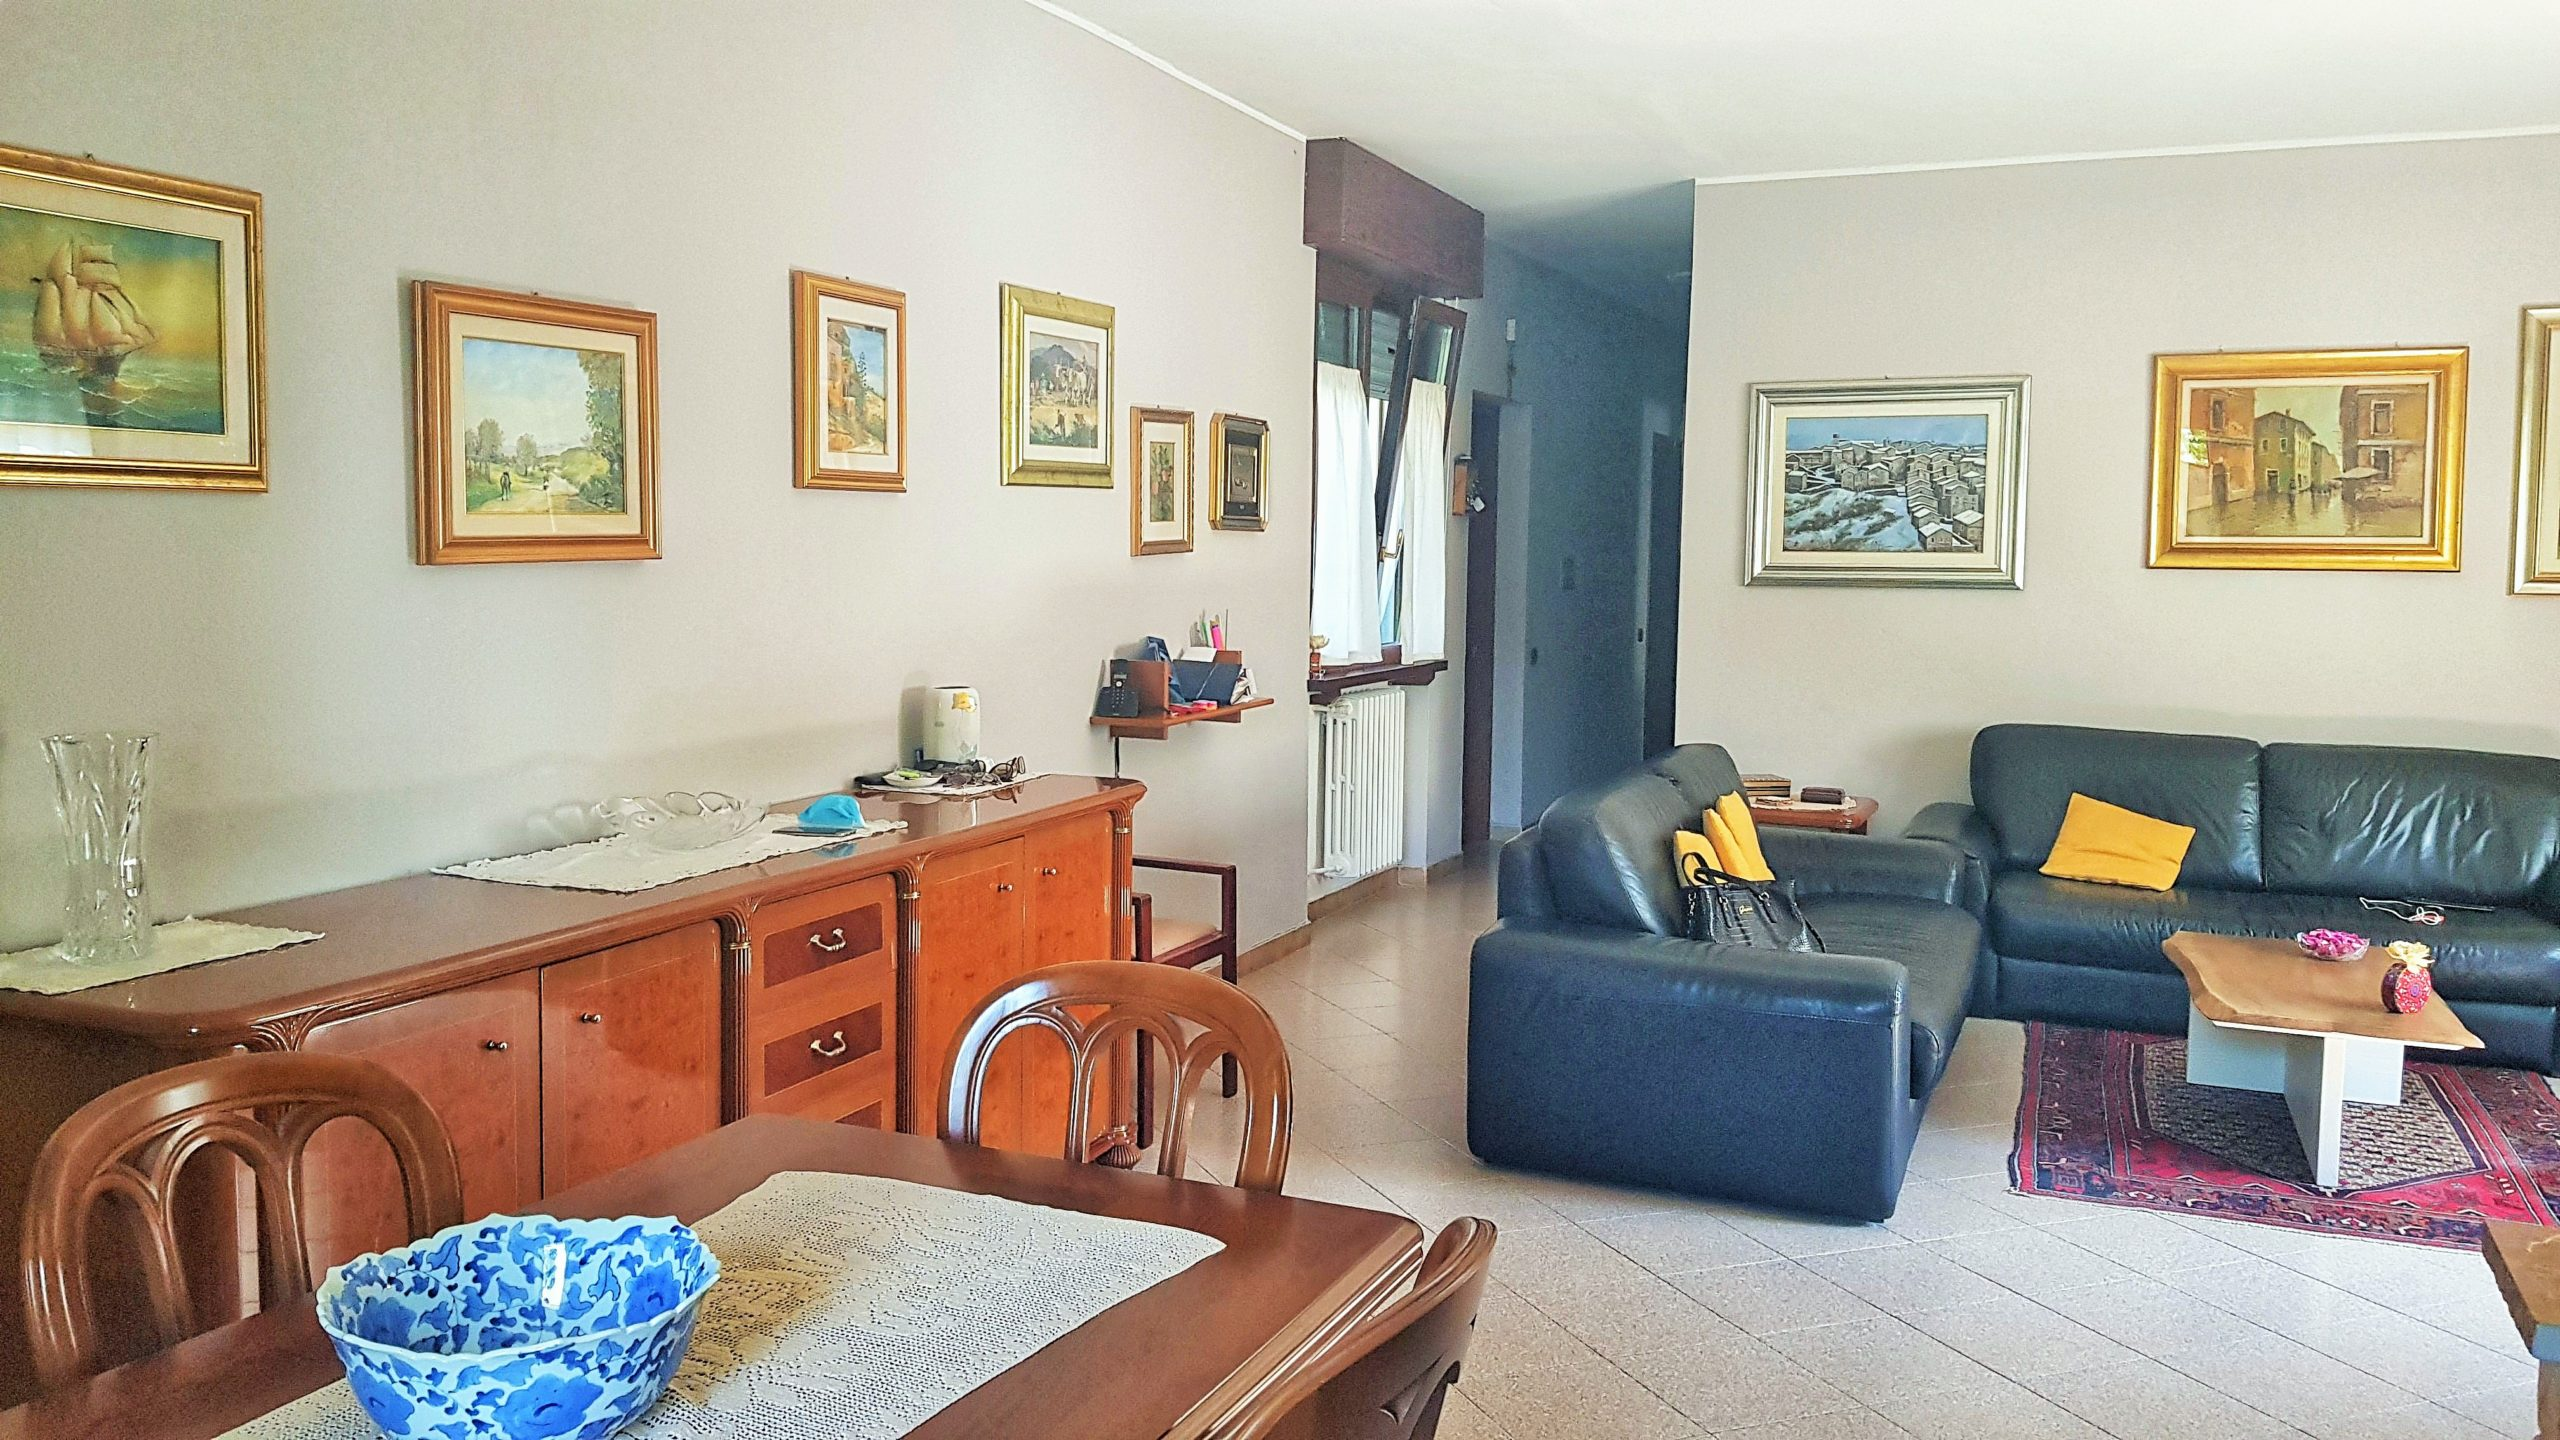 Casorate Primo (PV) Appartamento Trelocali con giardino e box auto – CASORATE PRIMO (PV)